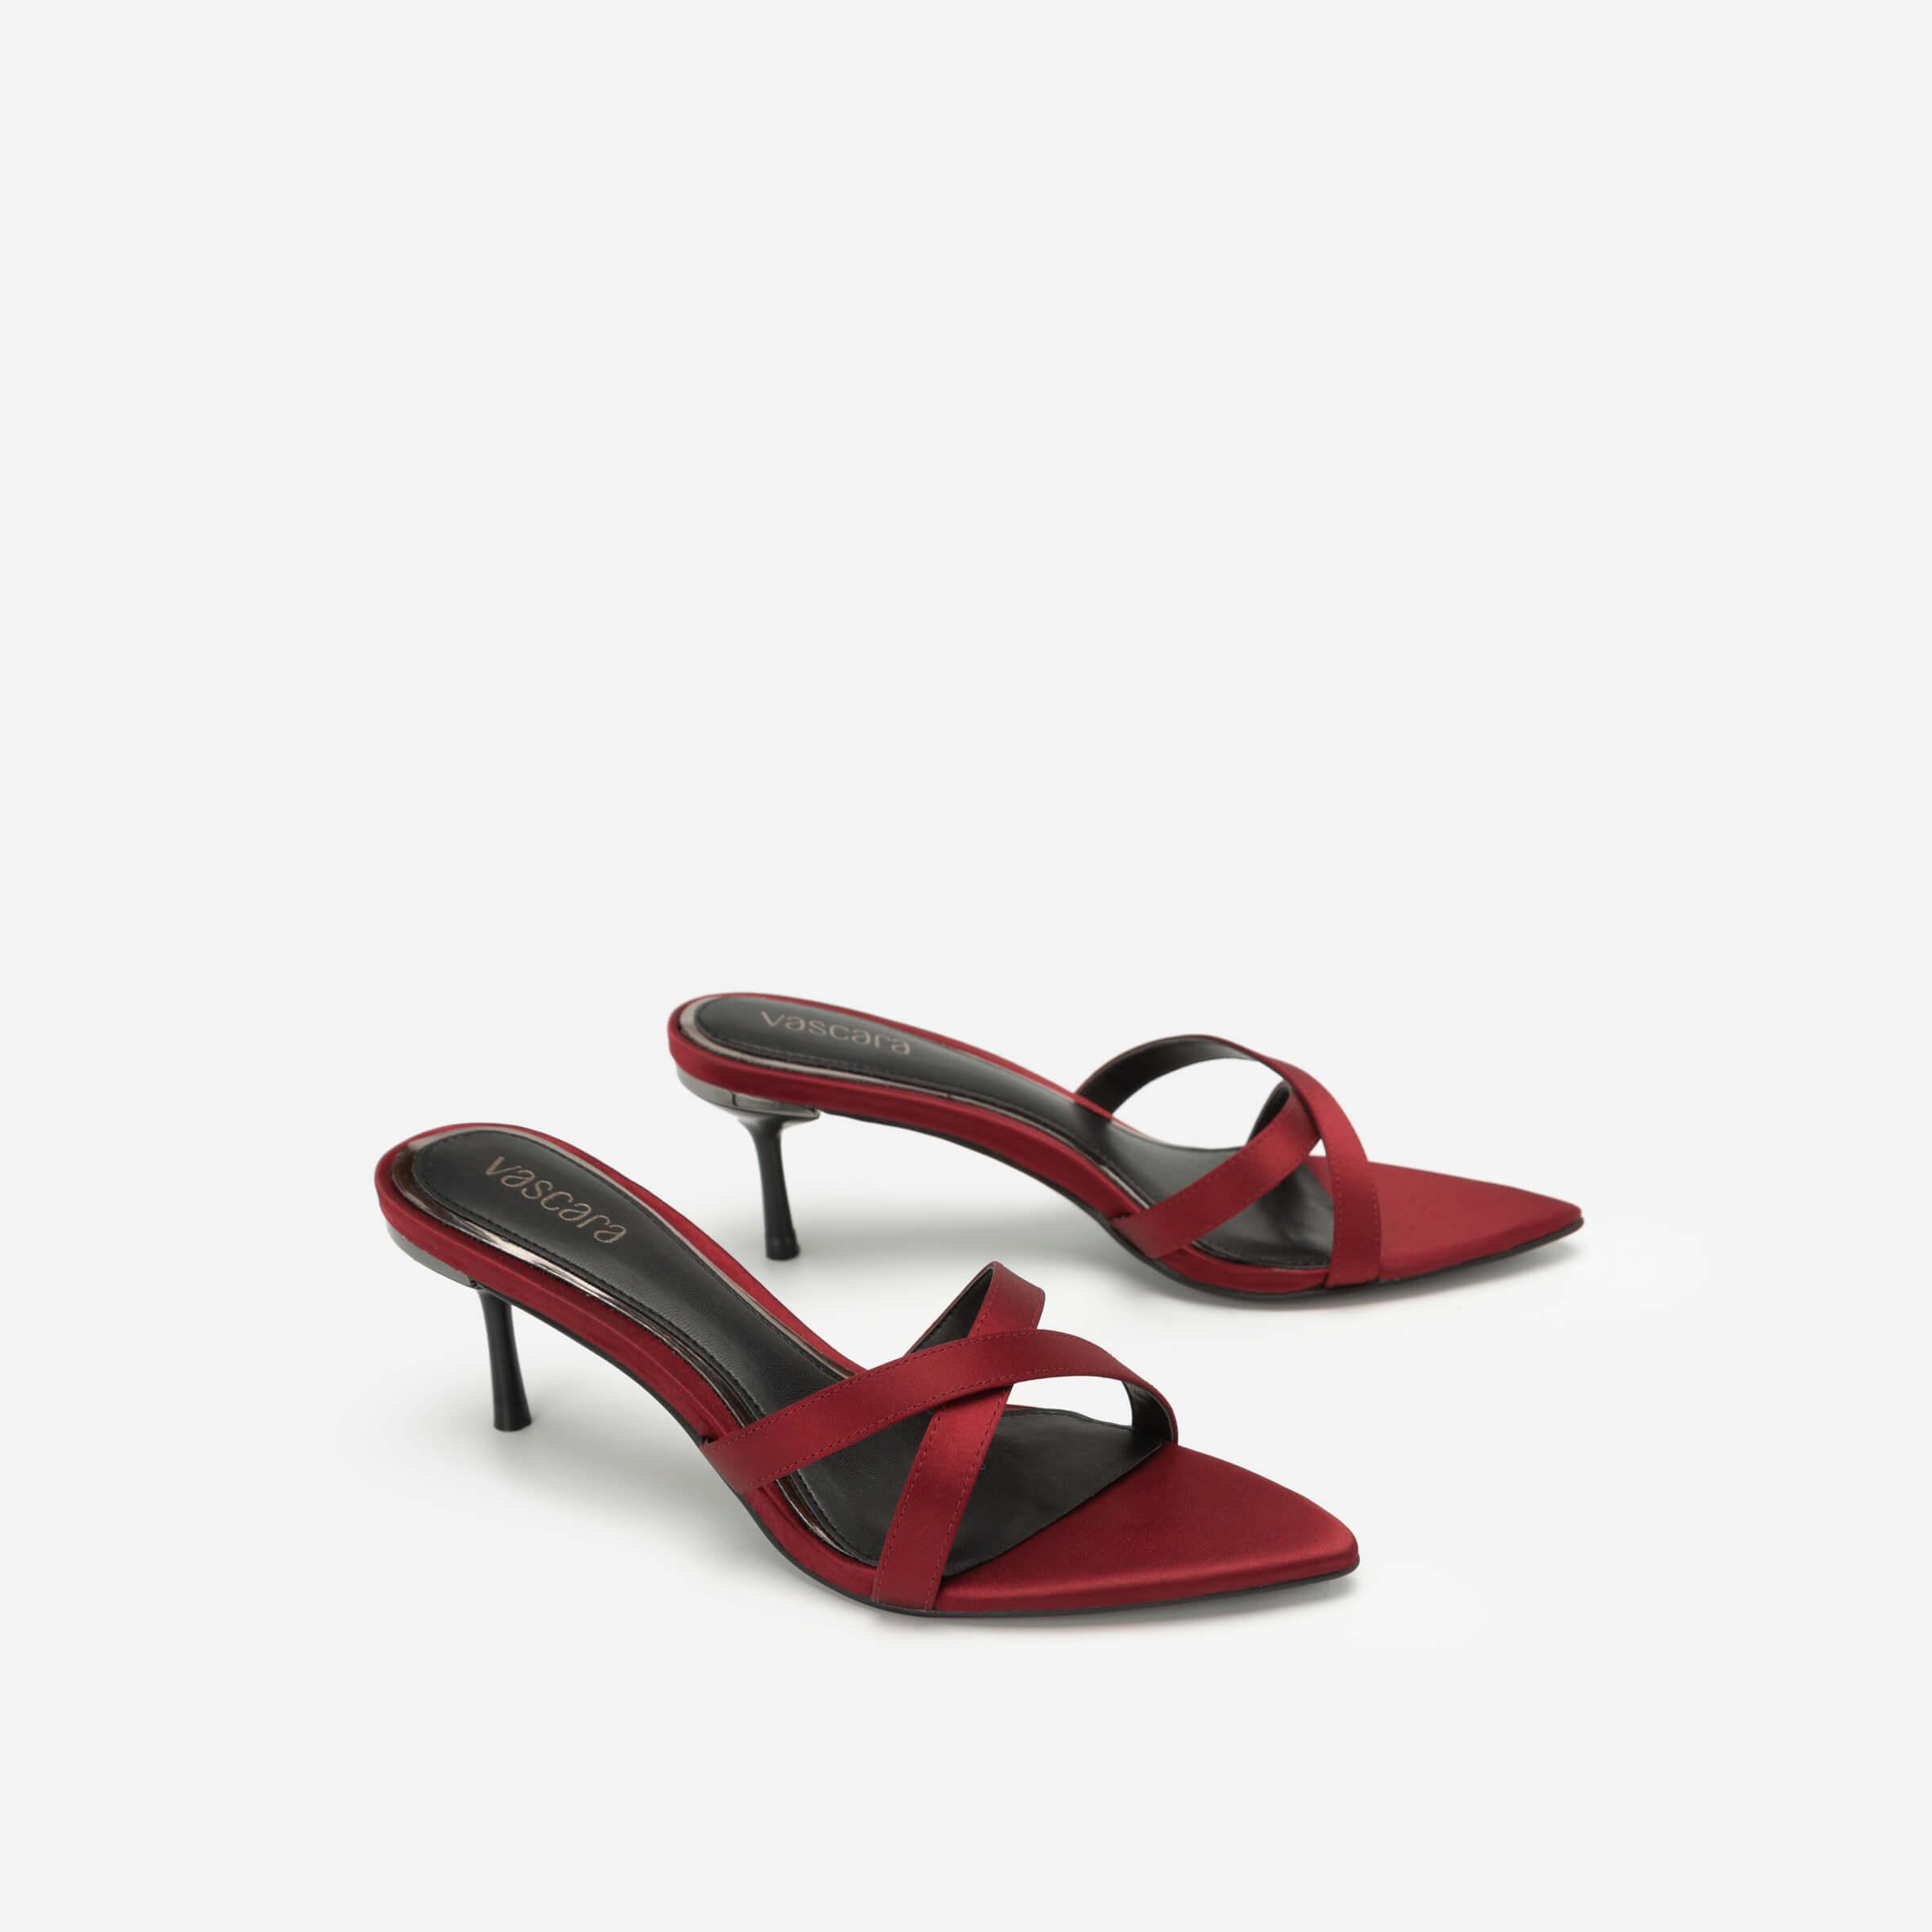 Giày mules chéo dây màu đỏ đô Vascara